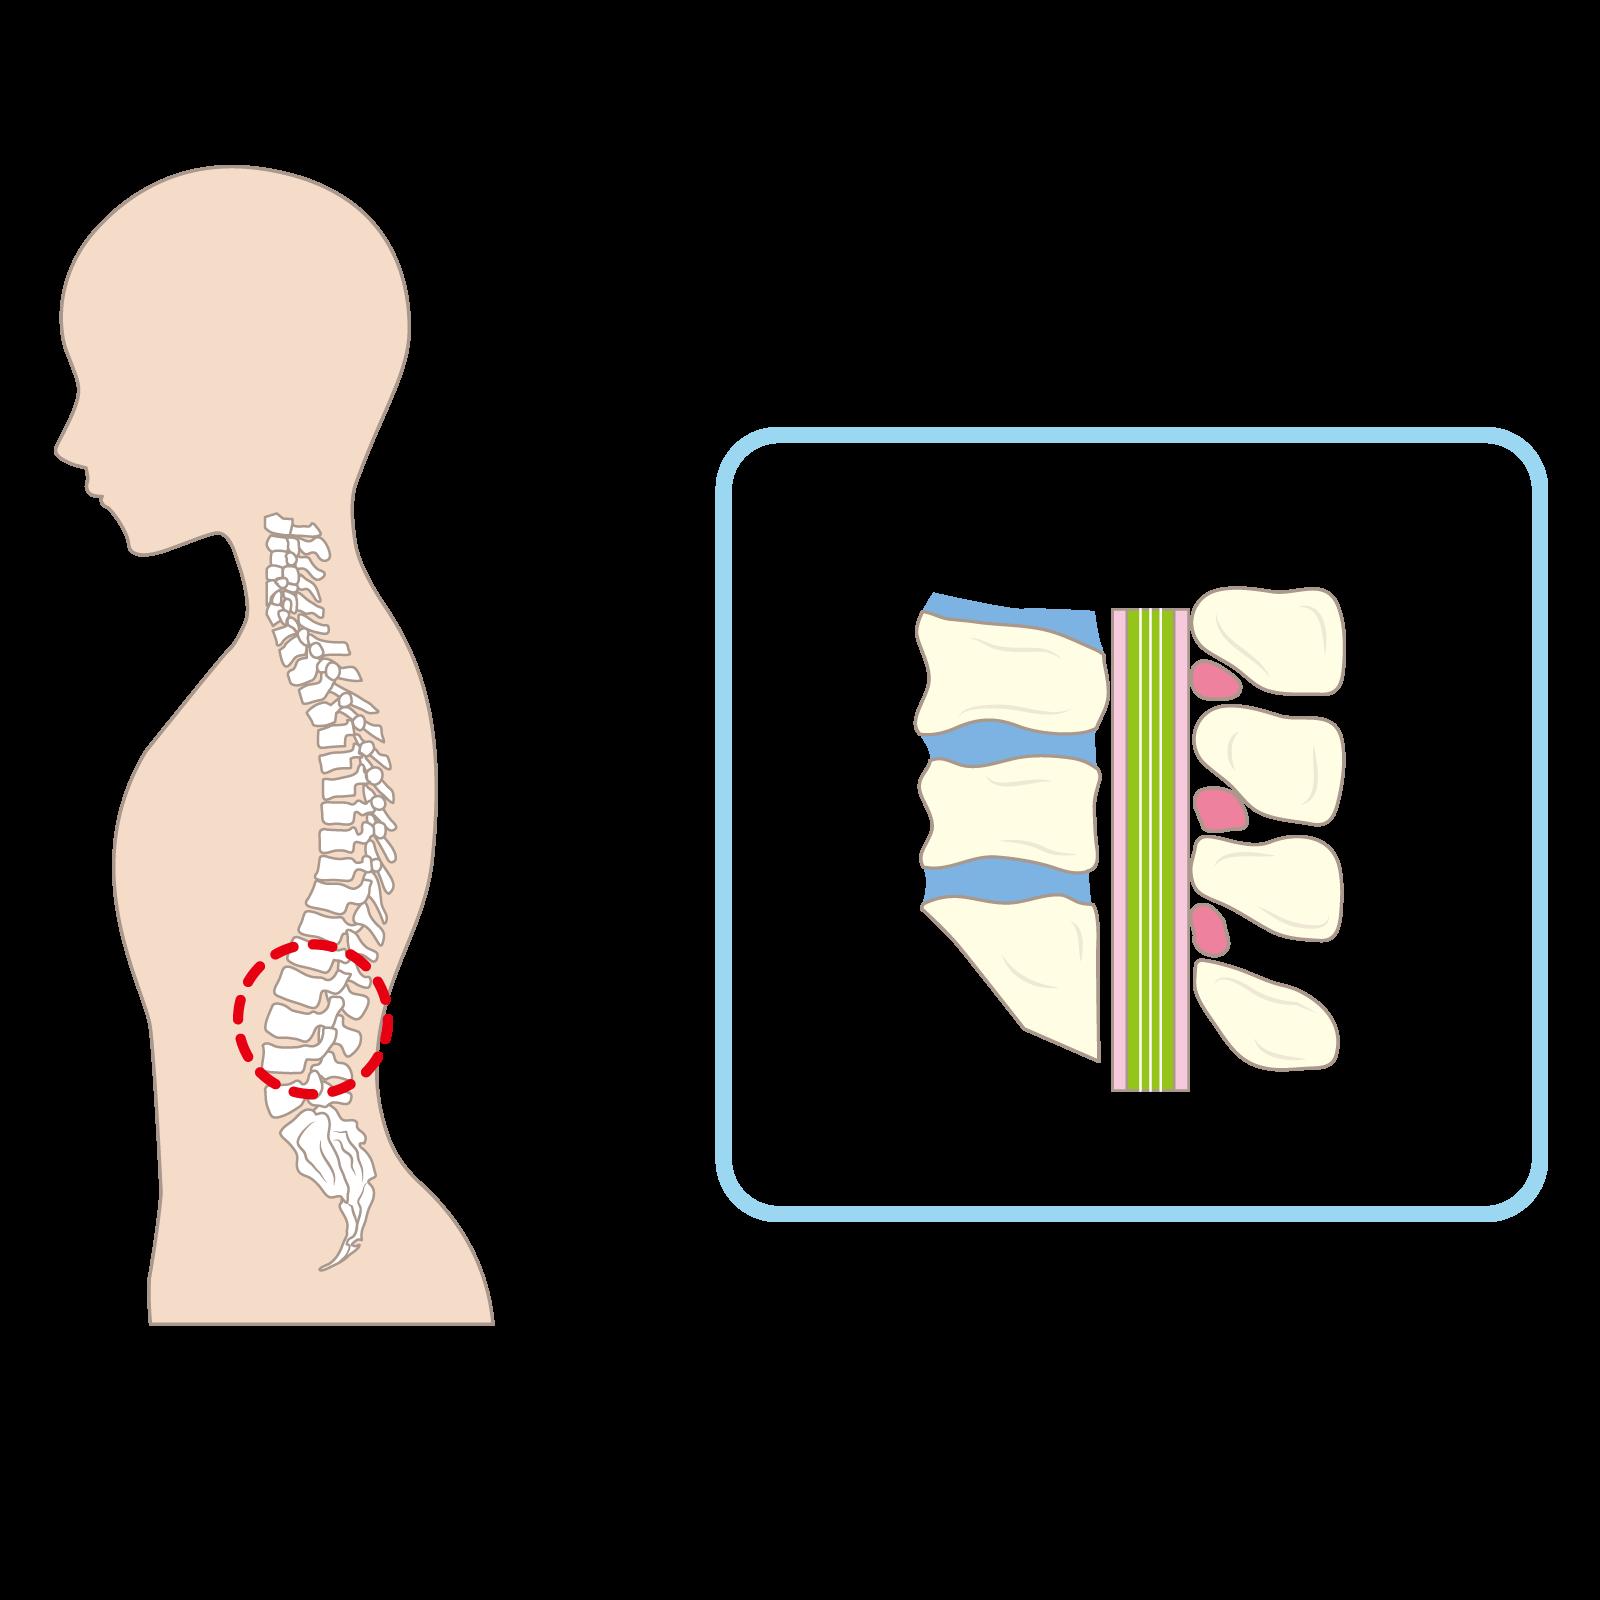 腰椎と脊柱管のイラスト